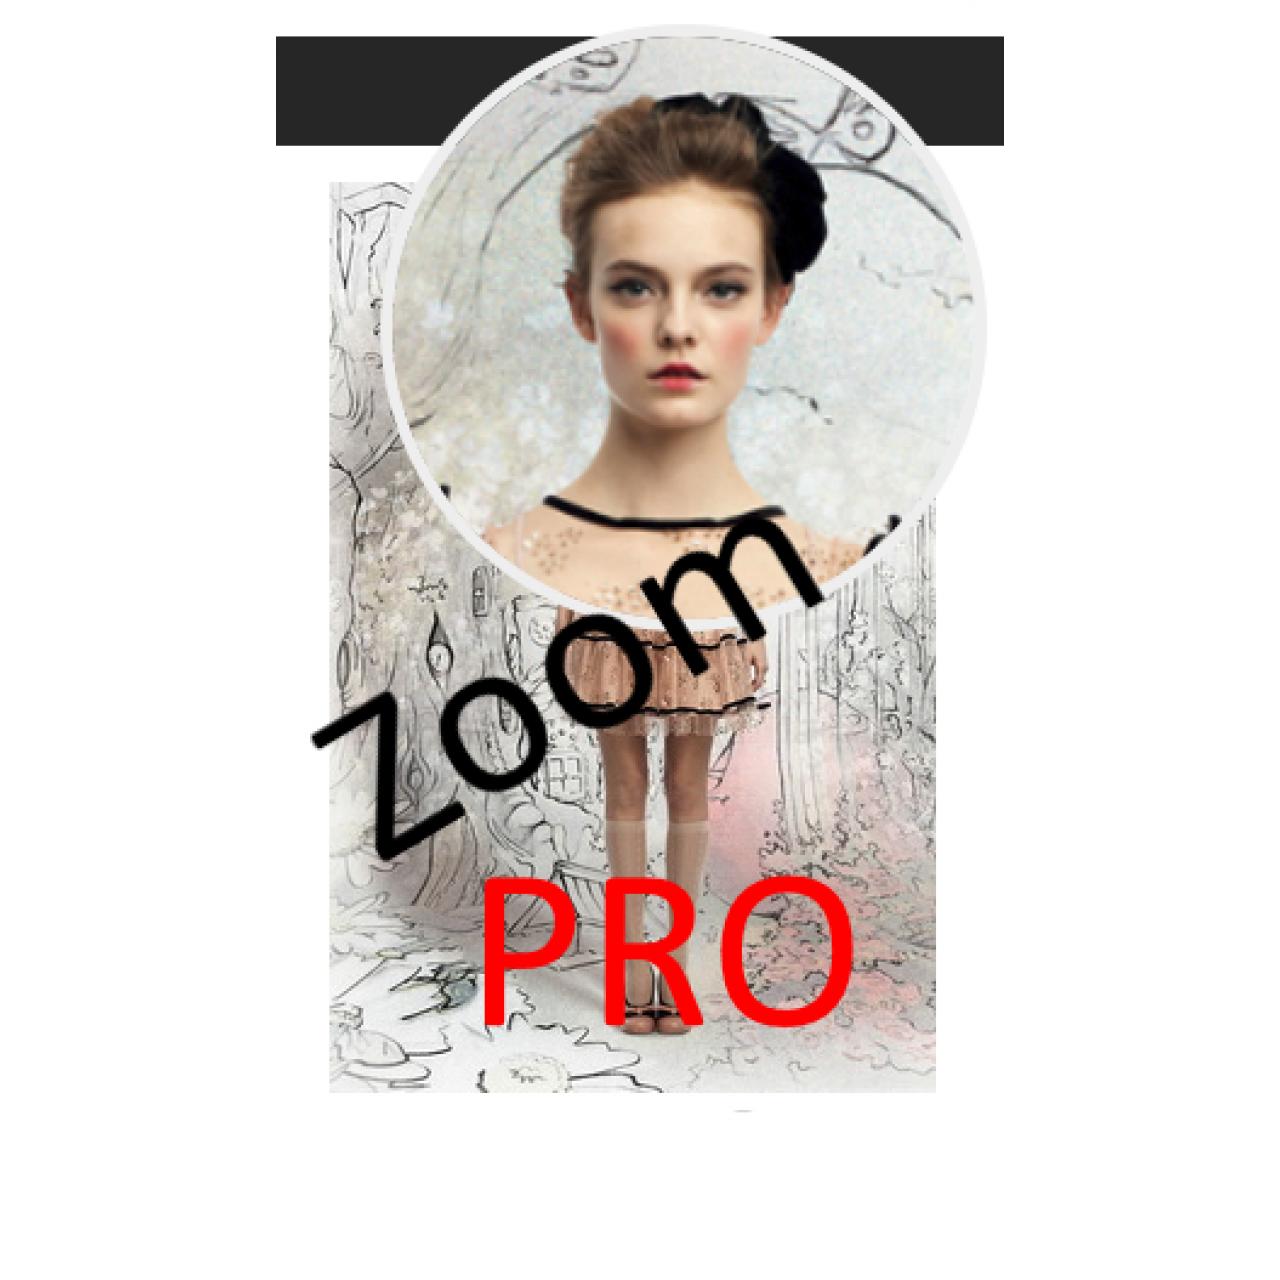 Модуль зуммирования изображений товара - ZoomPRO  из категории Оформление для CMS OpenCart (ОпенКарт)